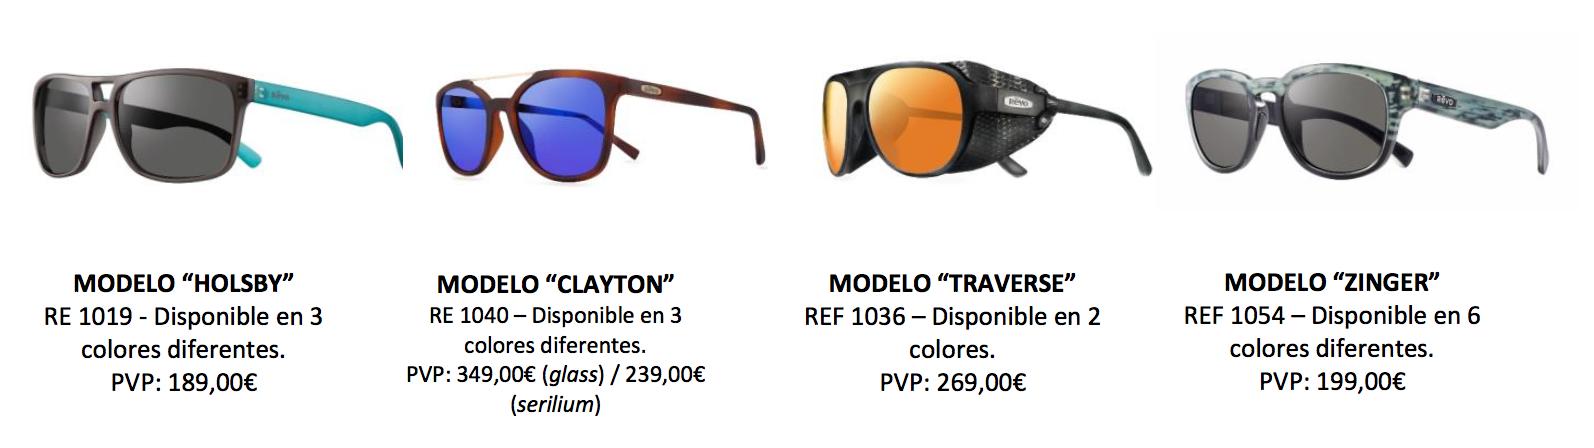 Presenta Las Aventureras Gafas Sol Más Navidad De Esta Revo fYgby76